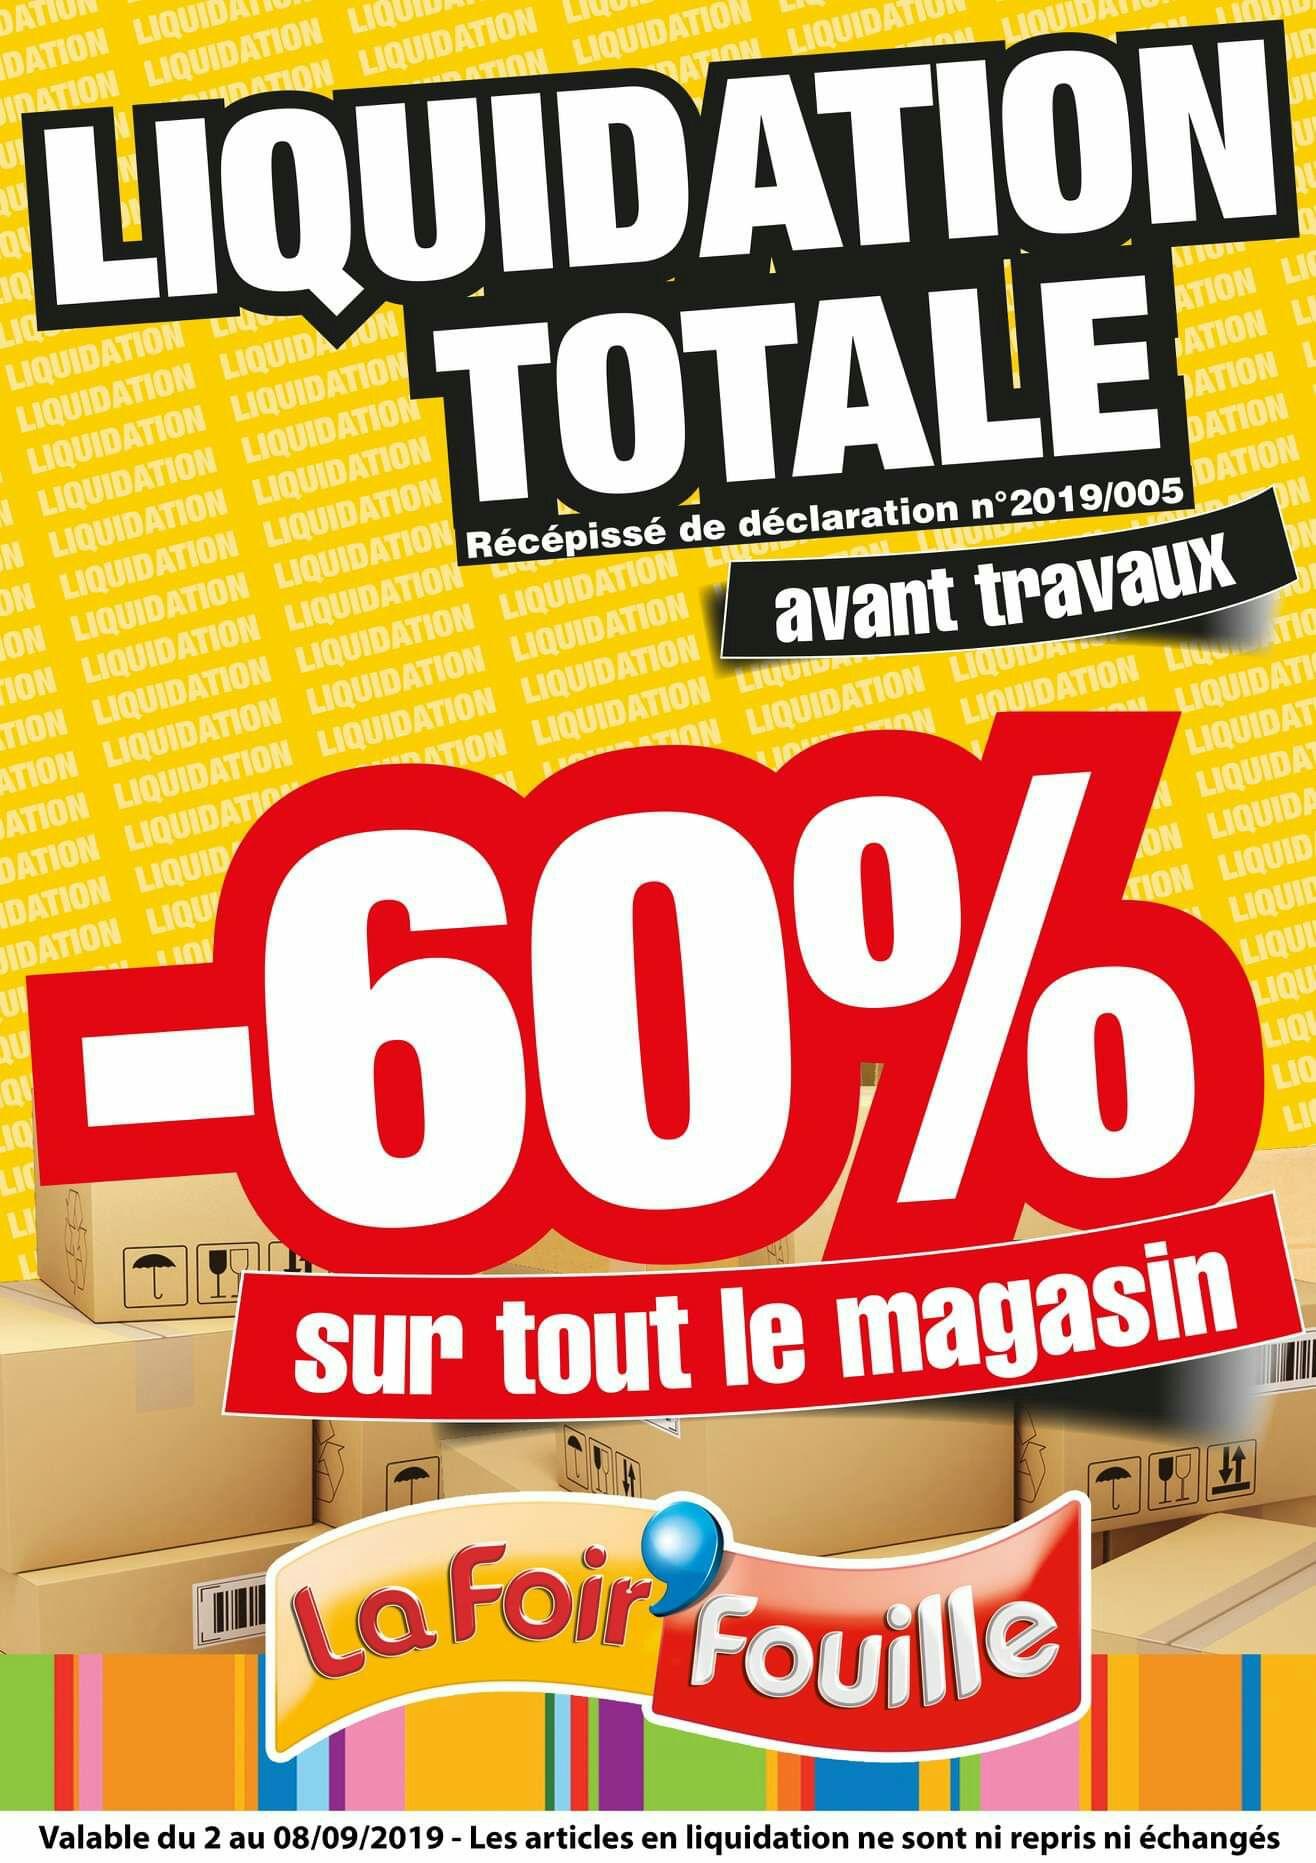 60% de réduction sur tout le magasin - Champniers (16)